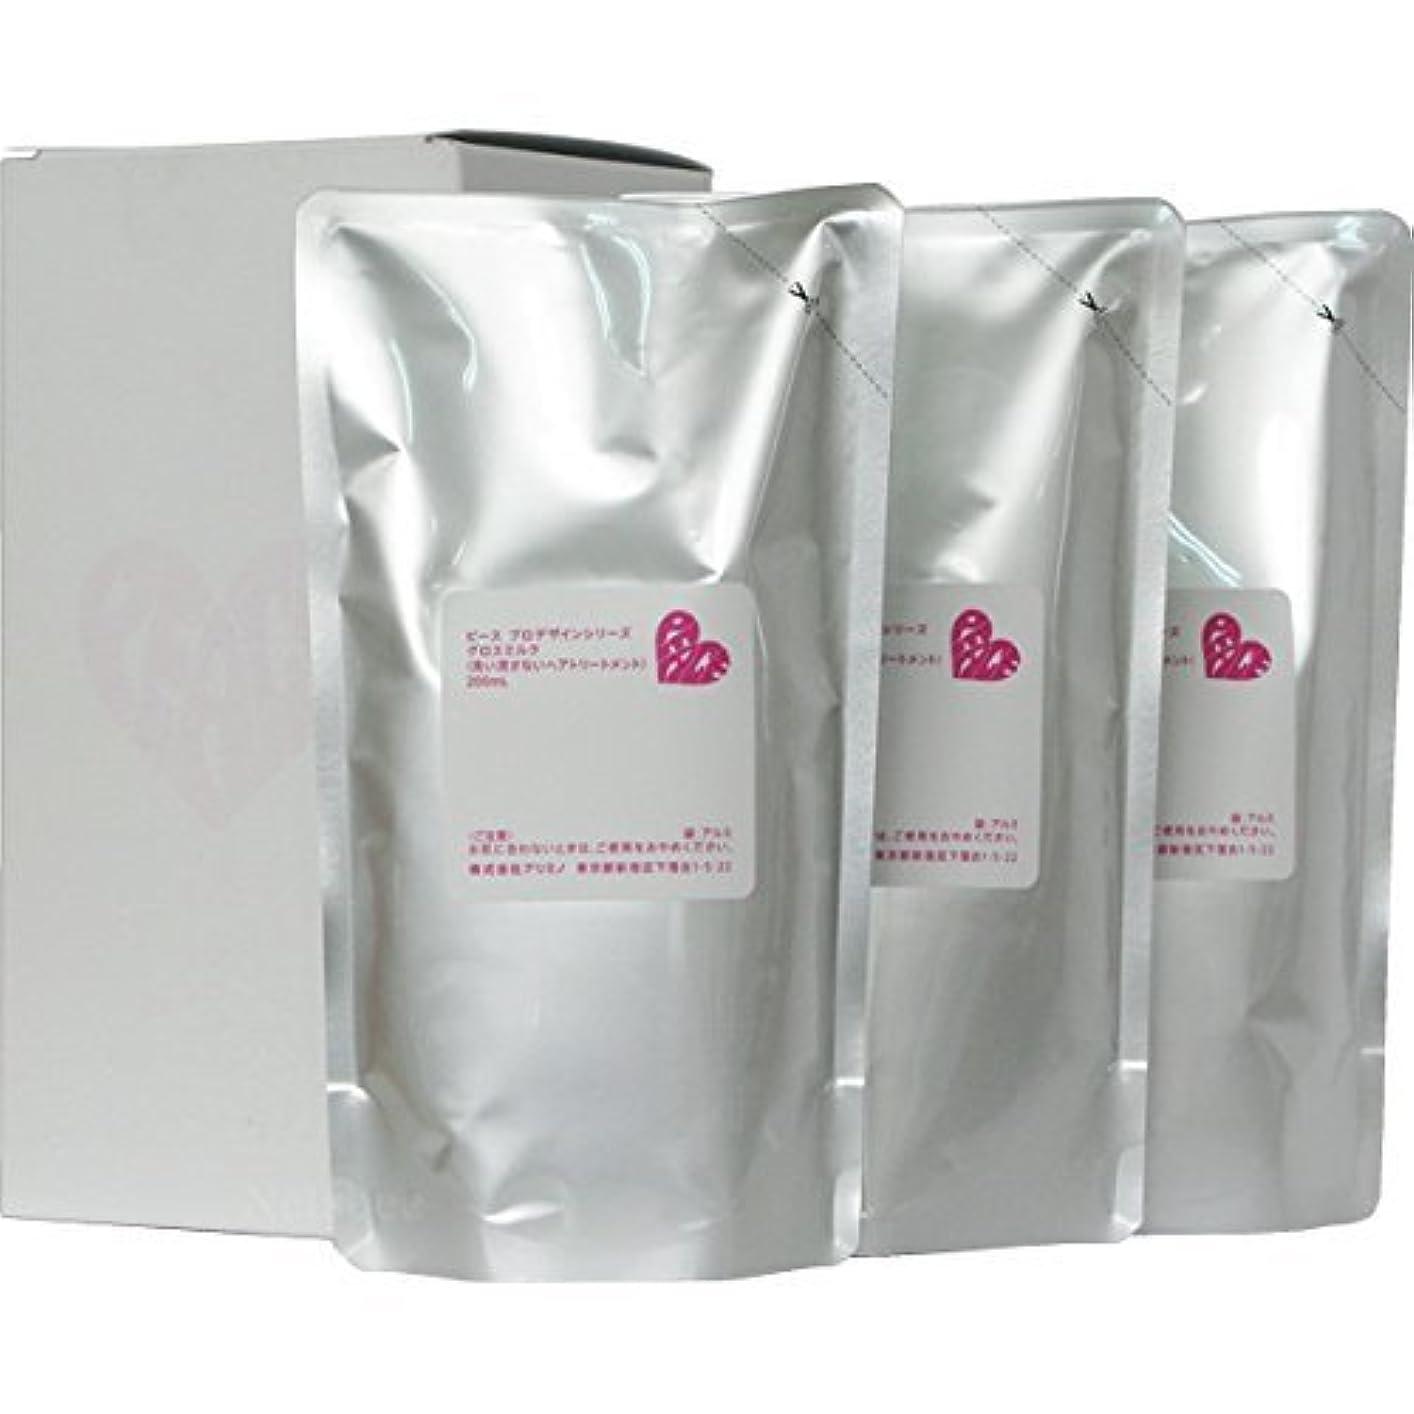 お酒フレキシブル若さピース プロデザインシリーズ グロスミルク ホワイト リフィル 200ml×3